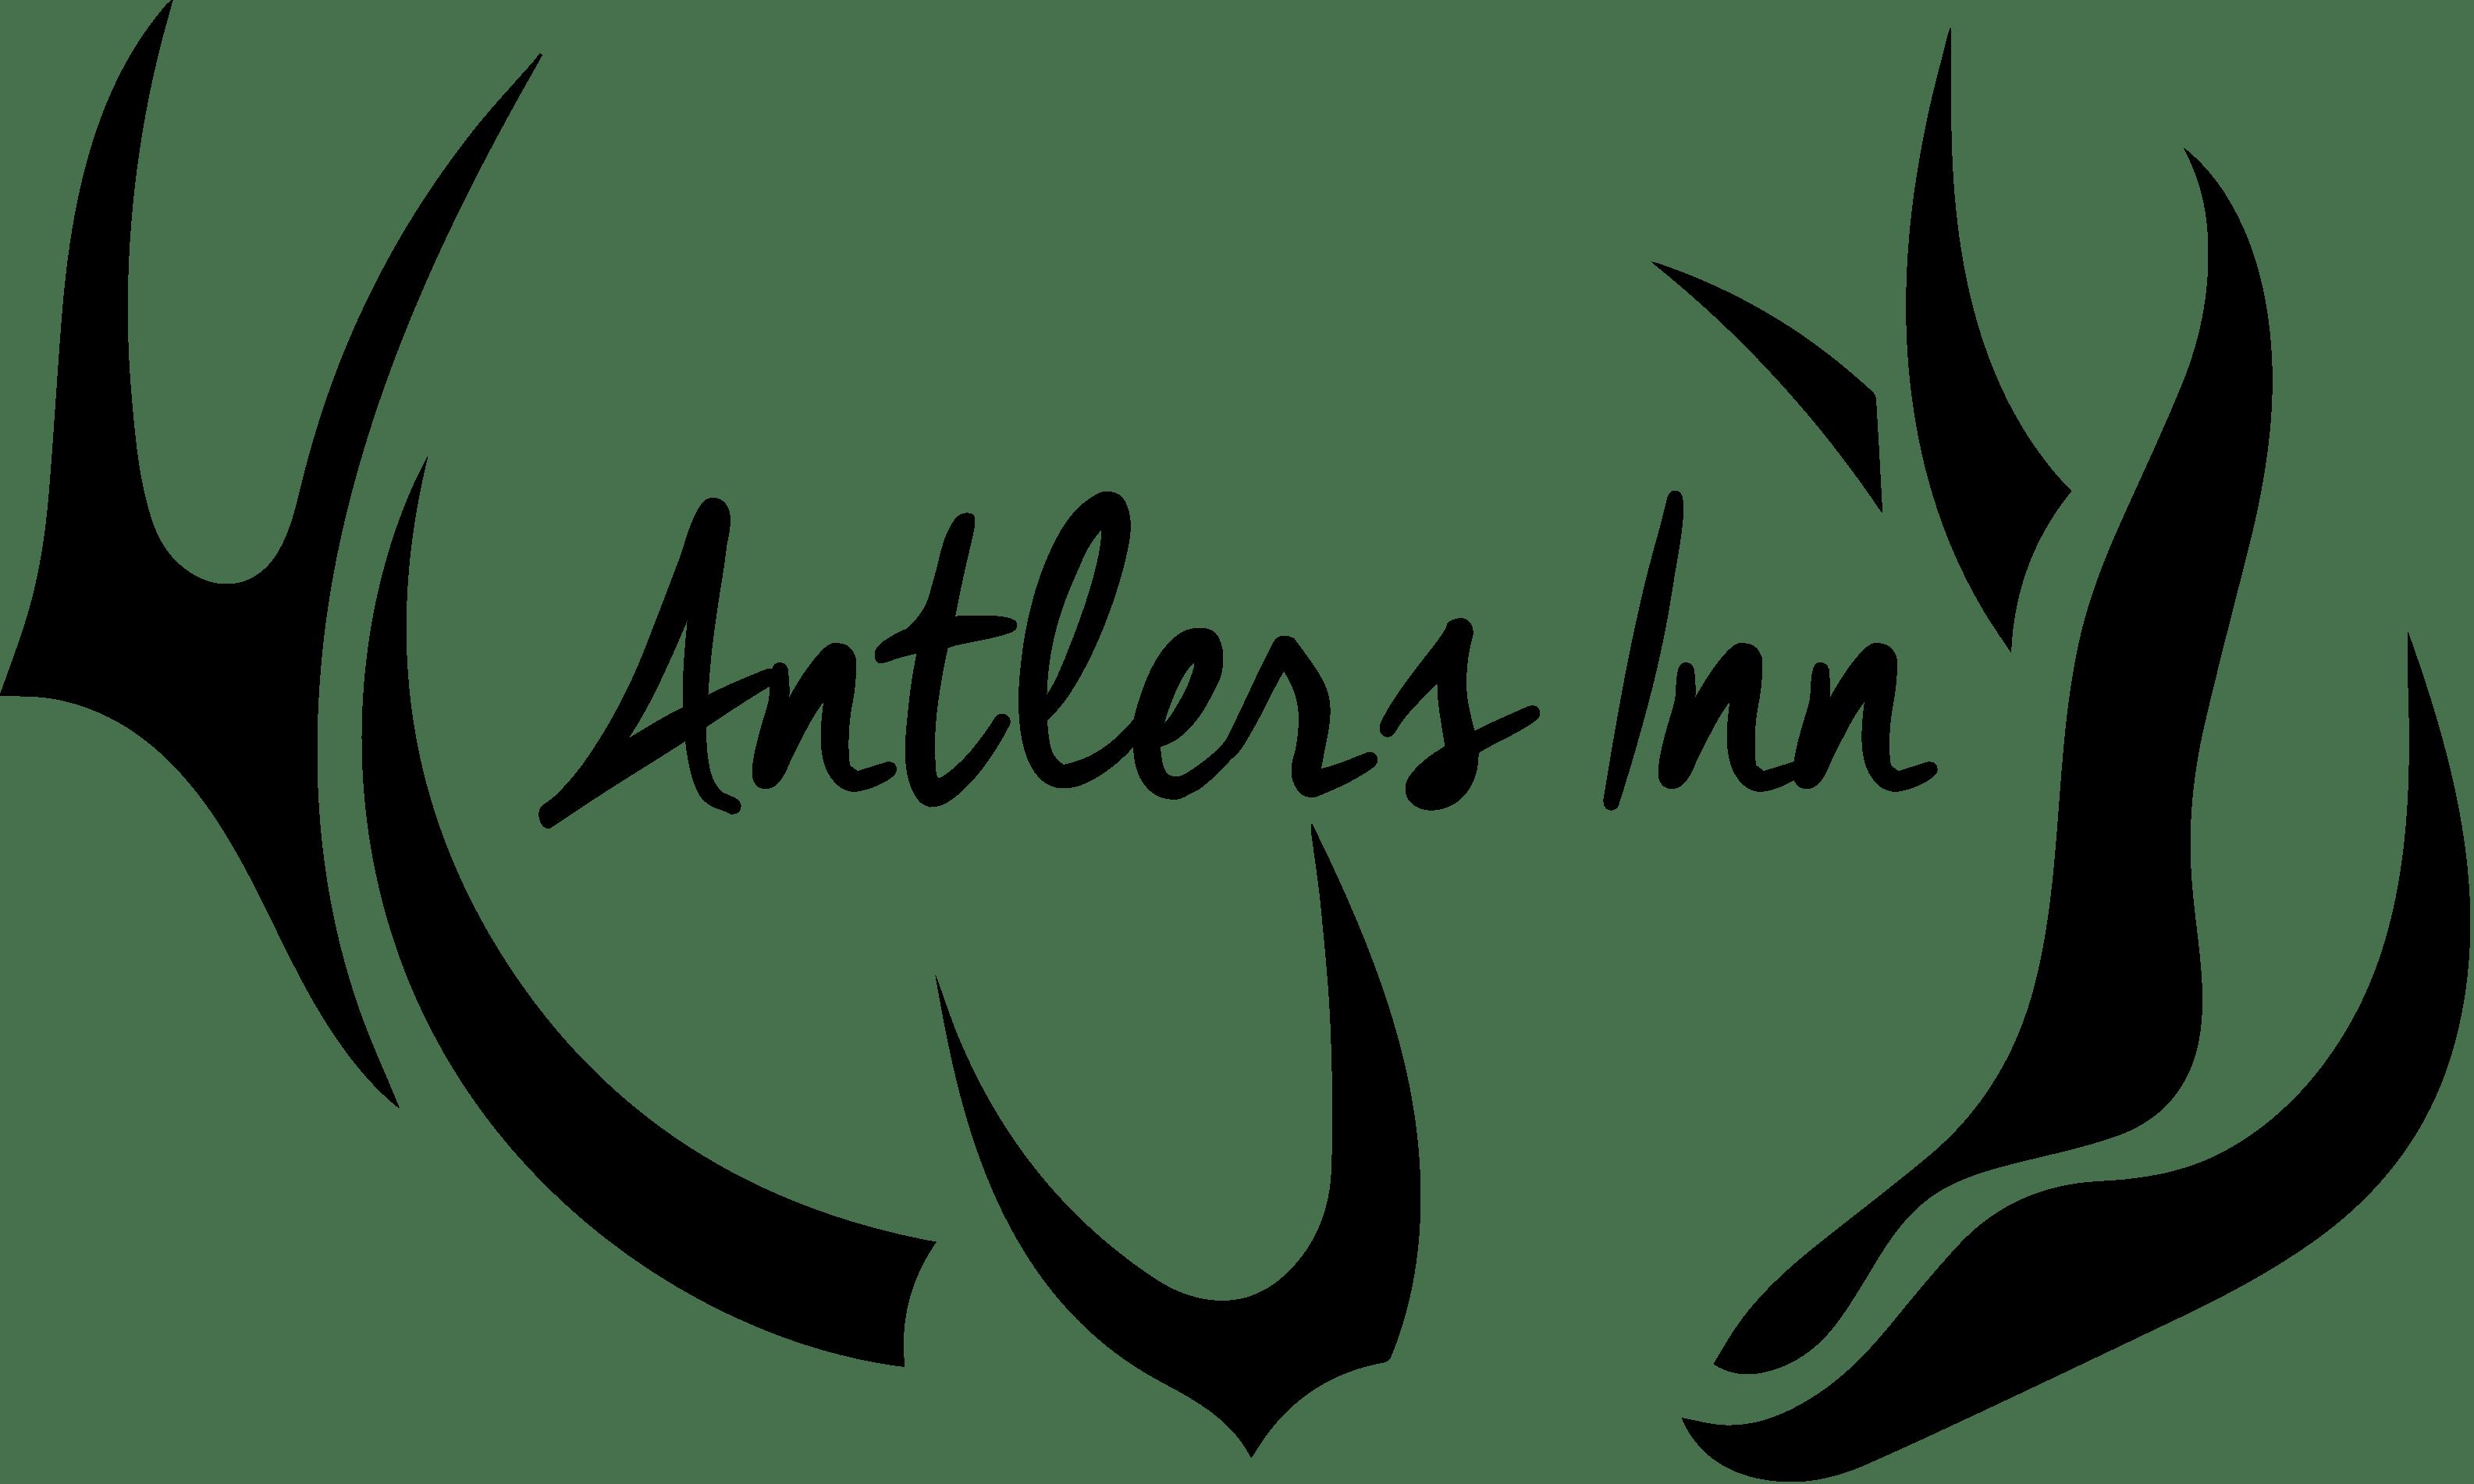 Antlers Inn logo (image)